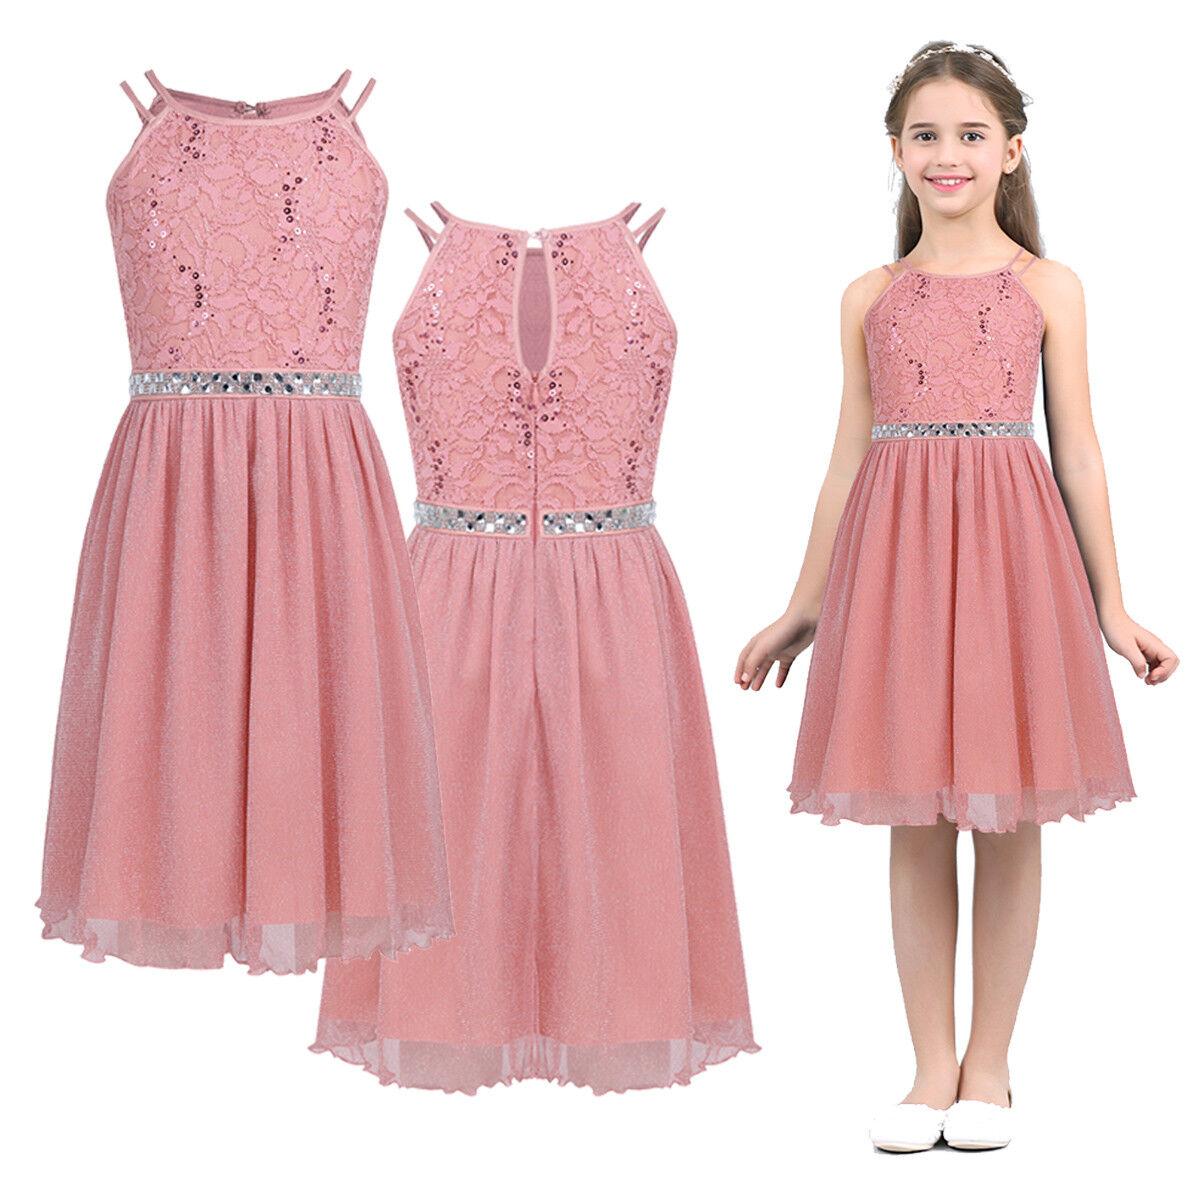 Çocuk abiye elbise dantel  tasarım,çocuk elbise modelleri ,çocuk elbise,kız çocuk elbise